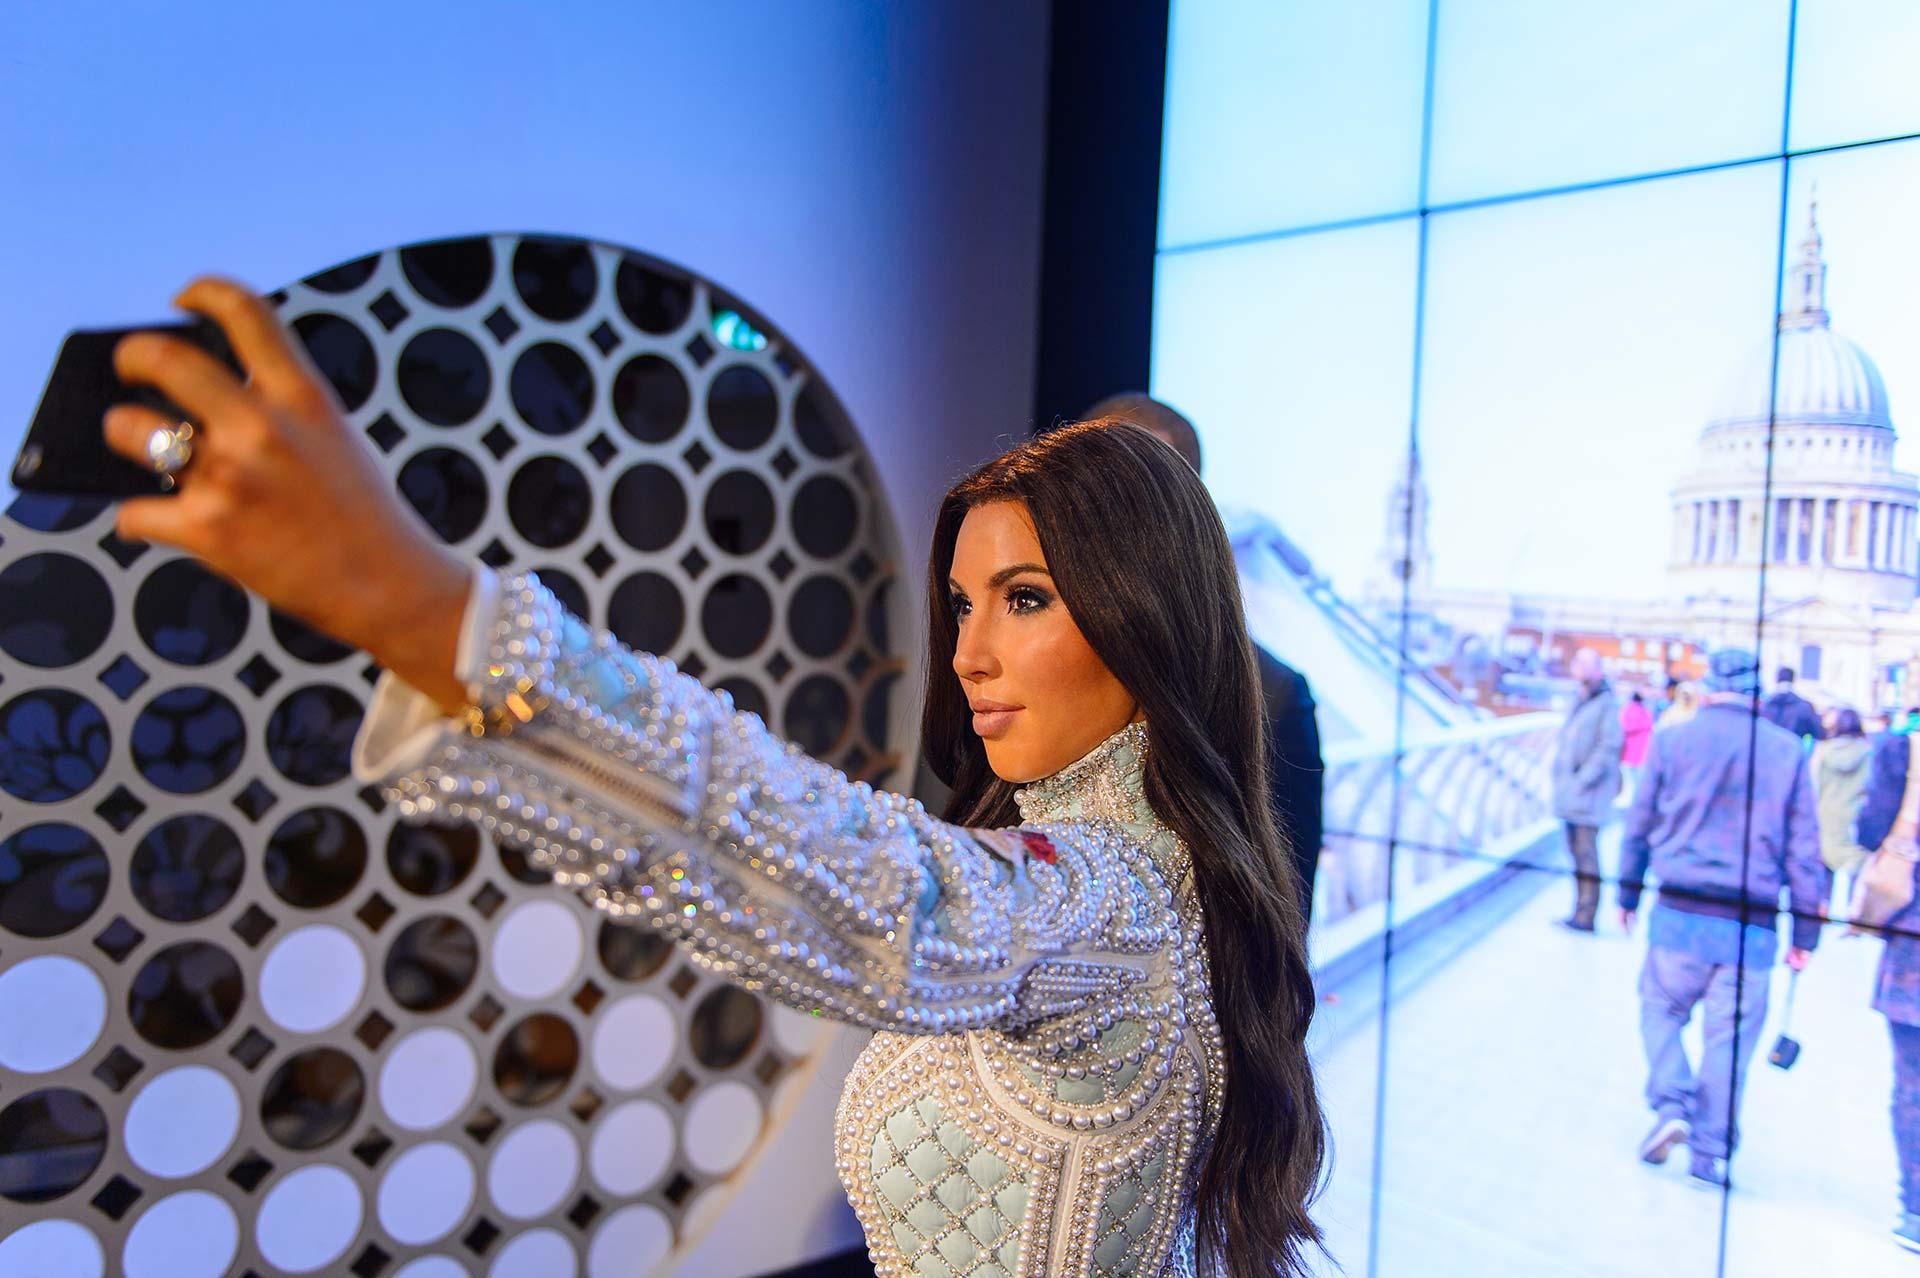 kim kardashian selfie instagram influenceur